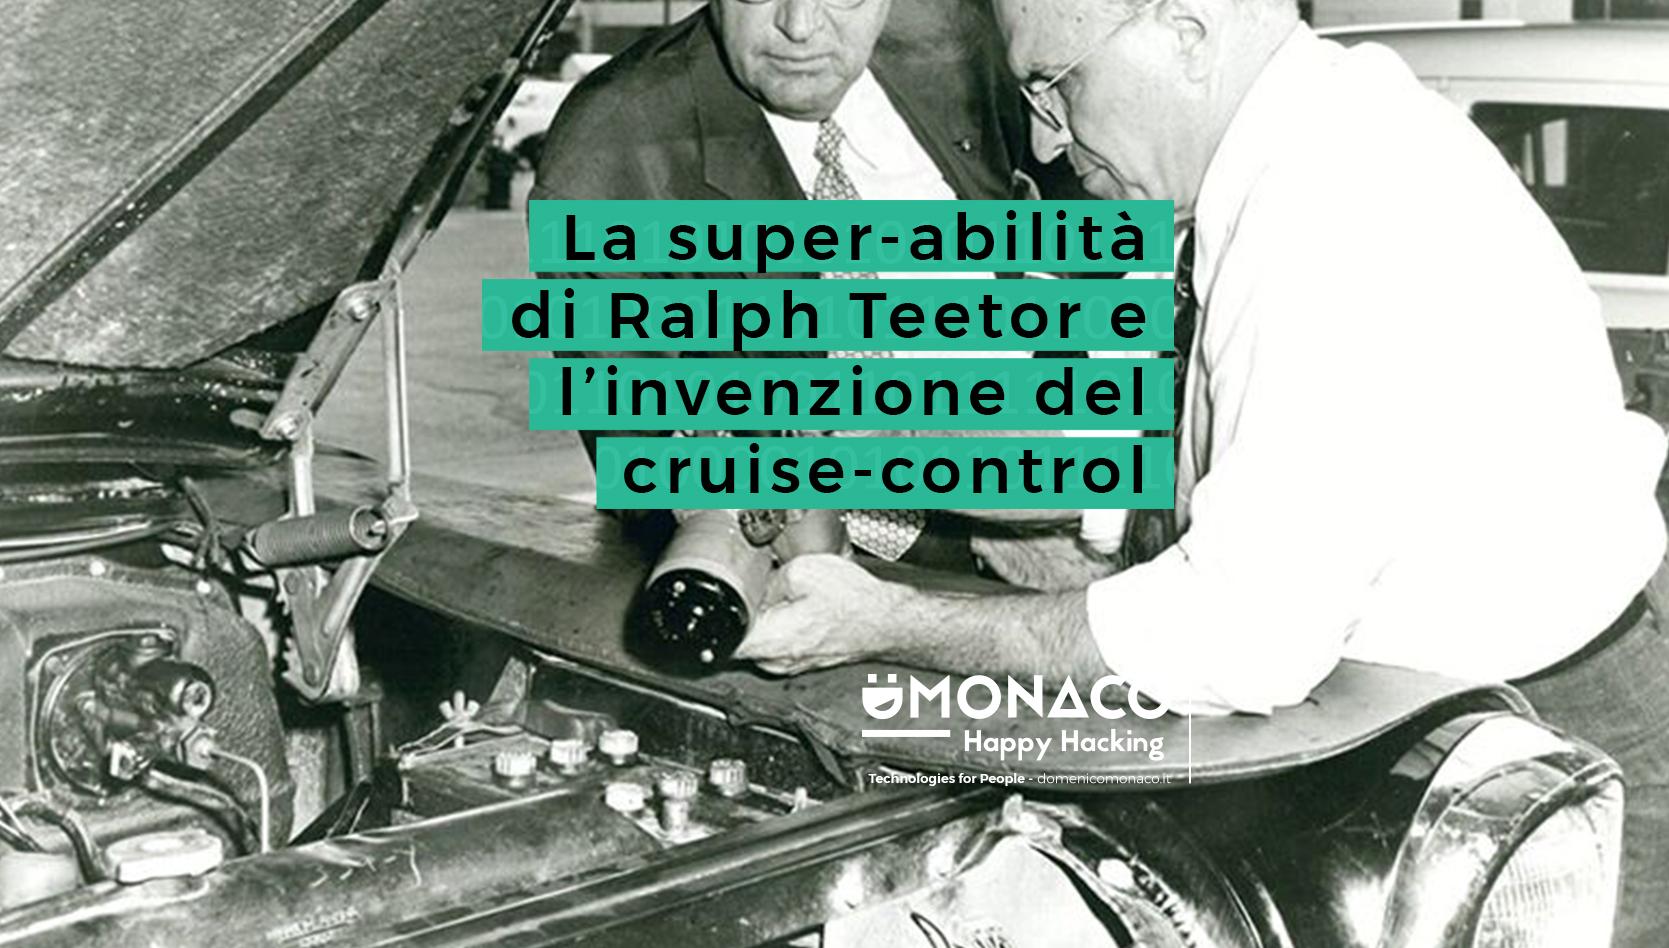 La super-abilità di Ralph Teetor e l'invenzione del cruise-control